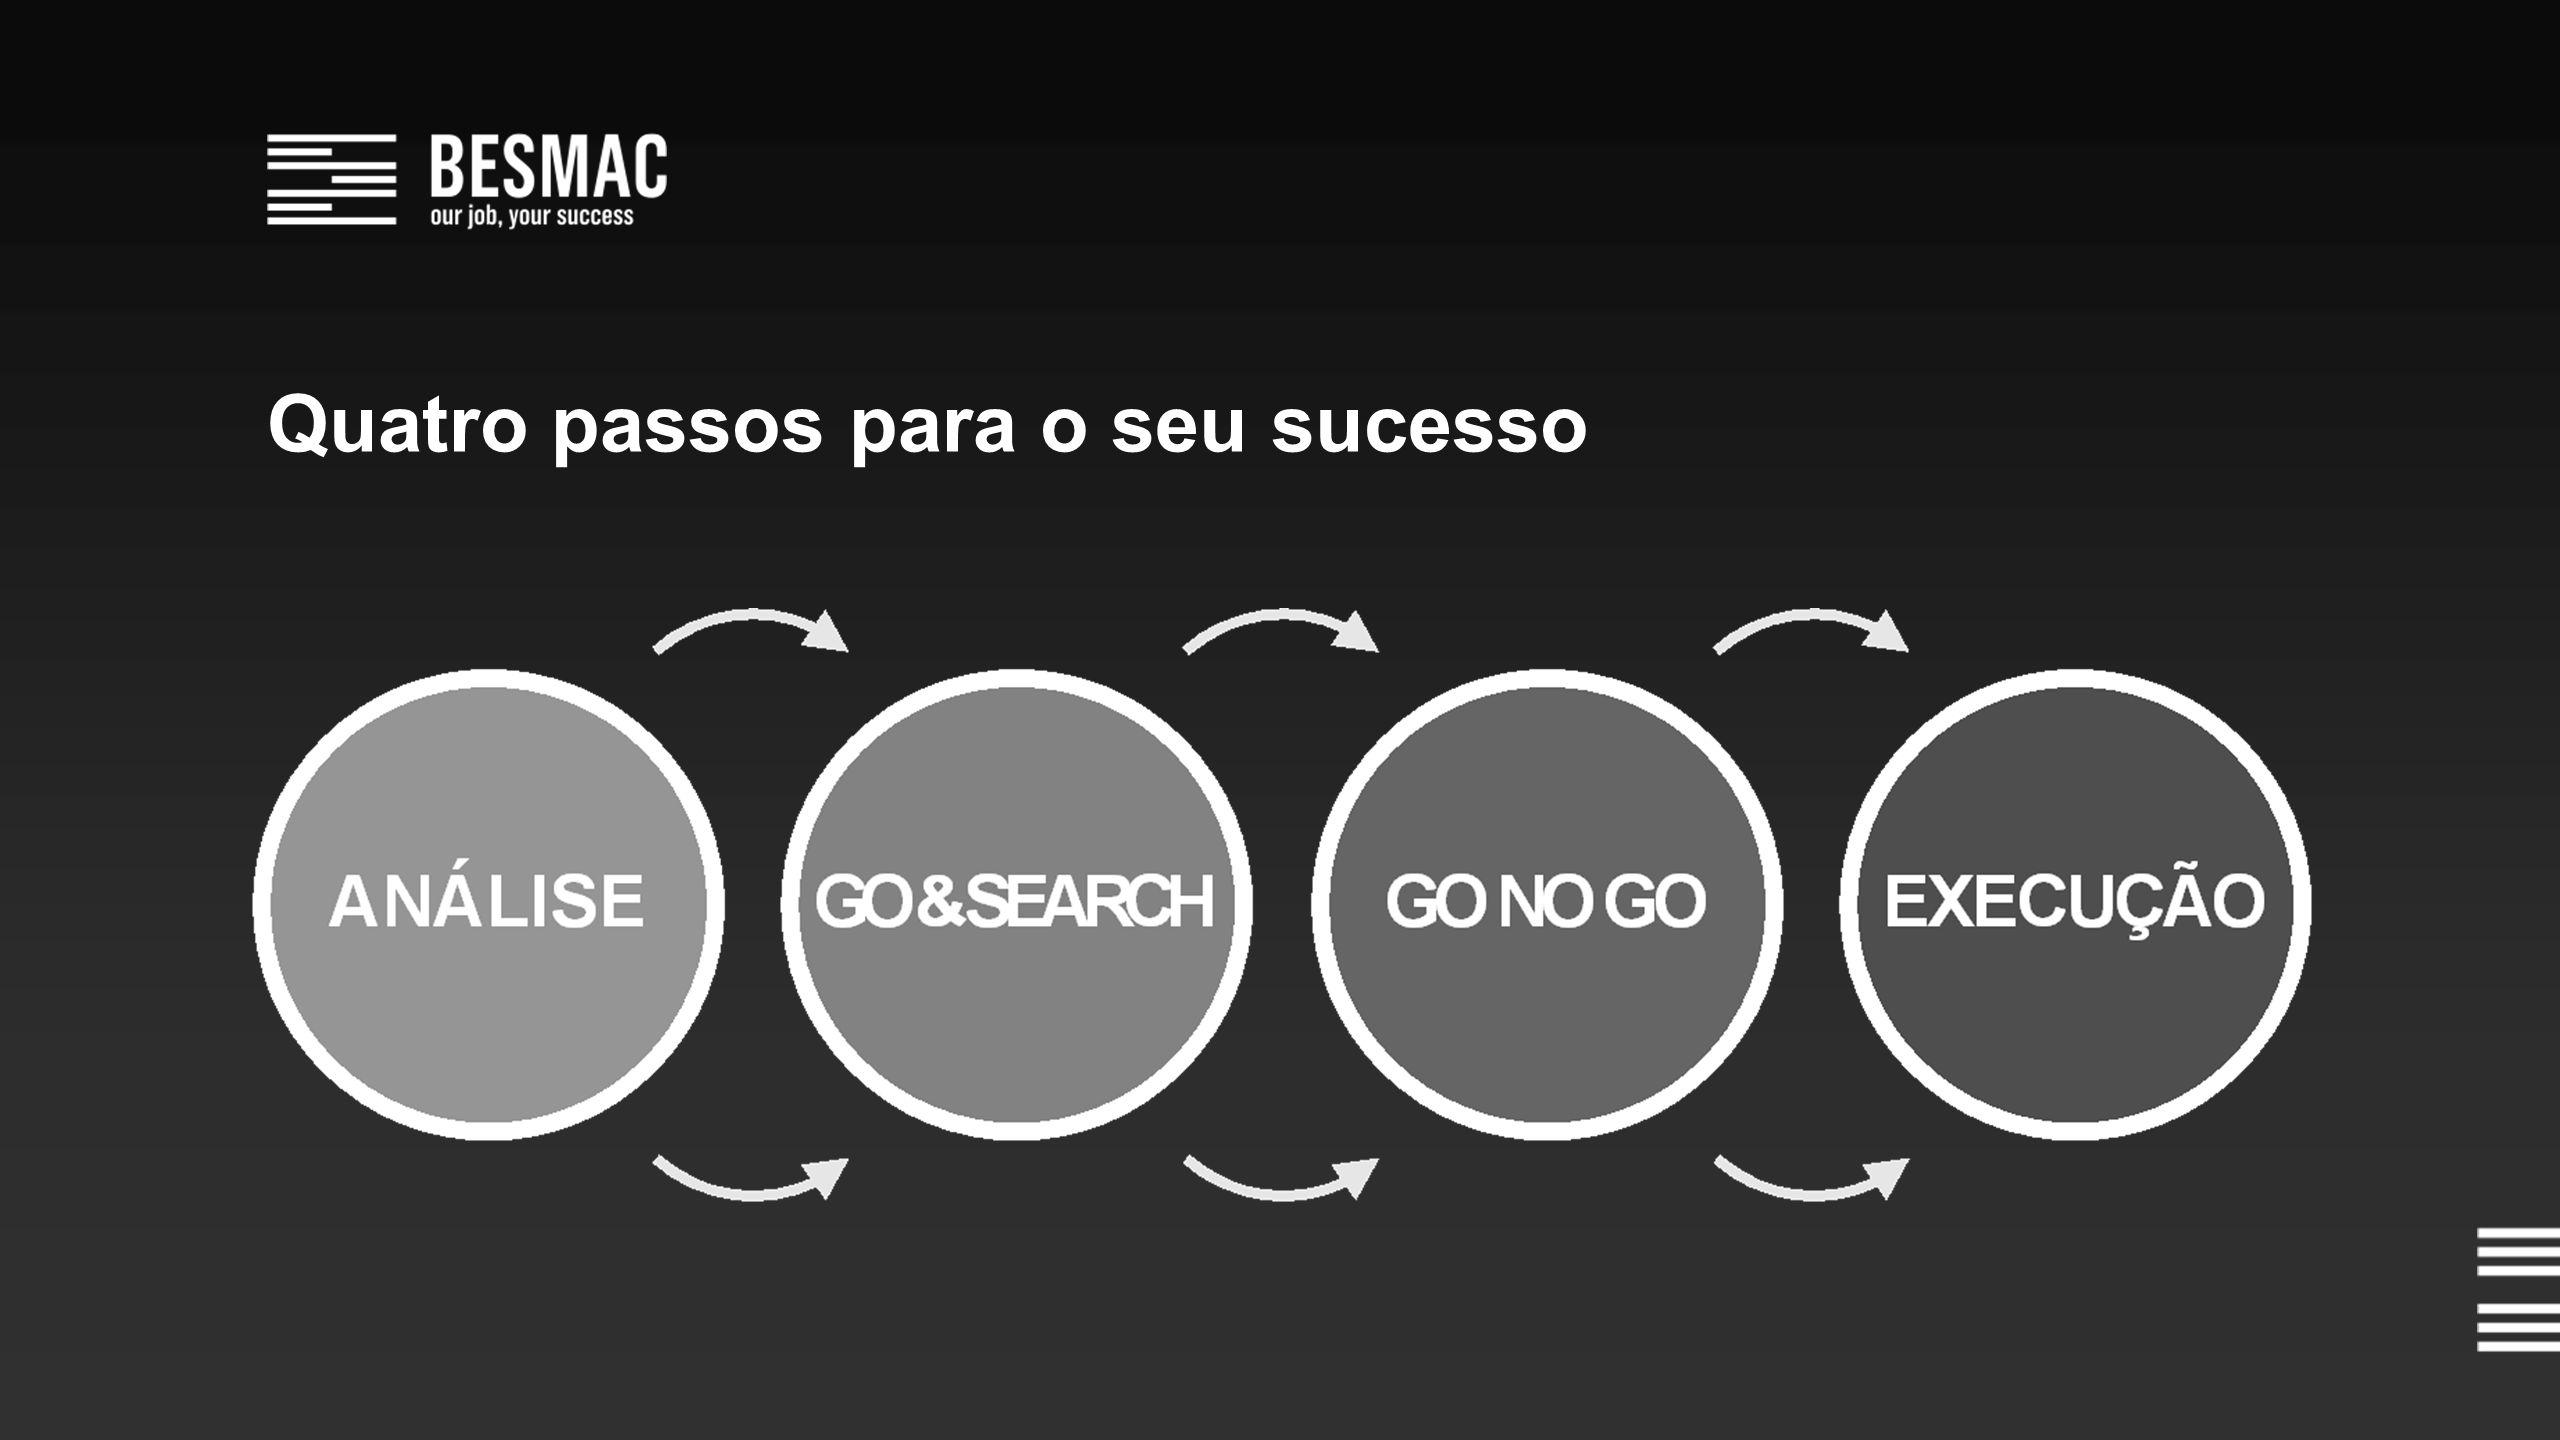 Quatro passos para o seu sucesso